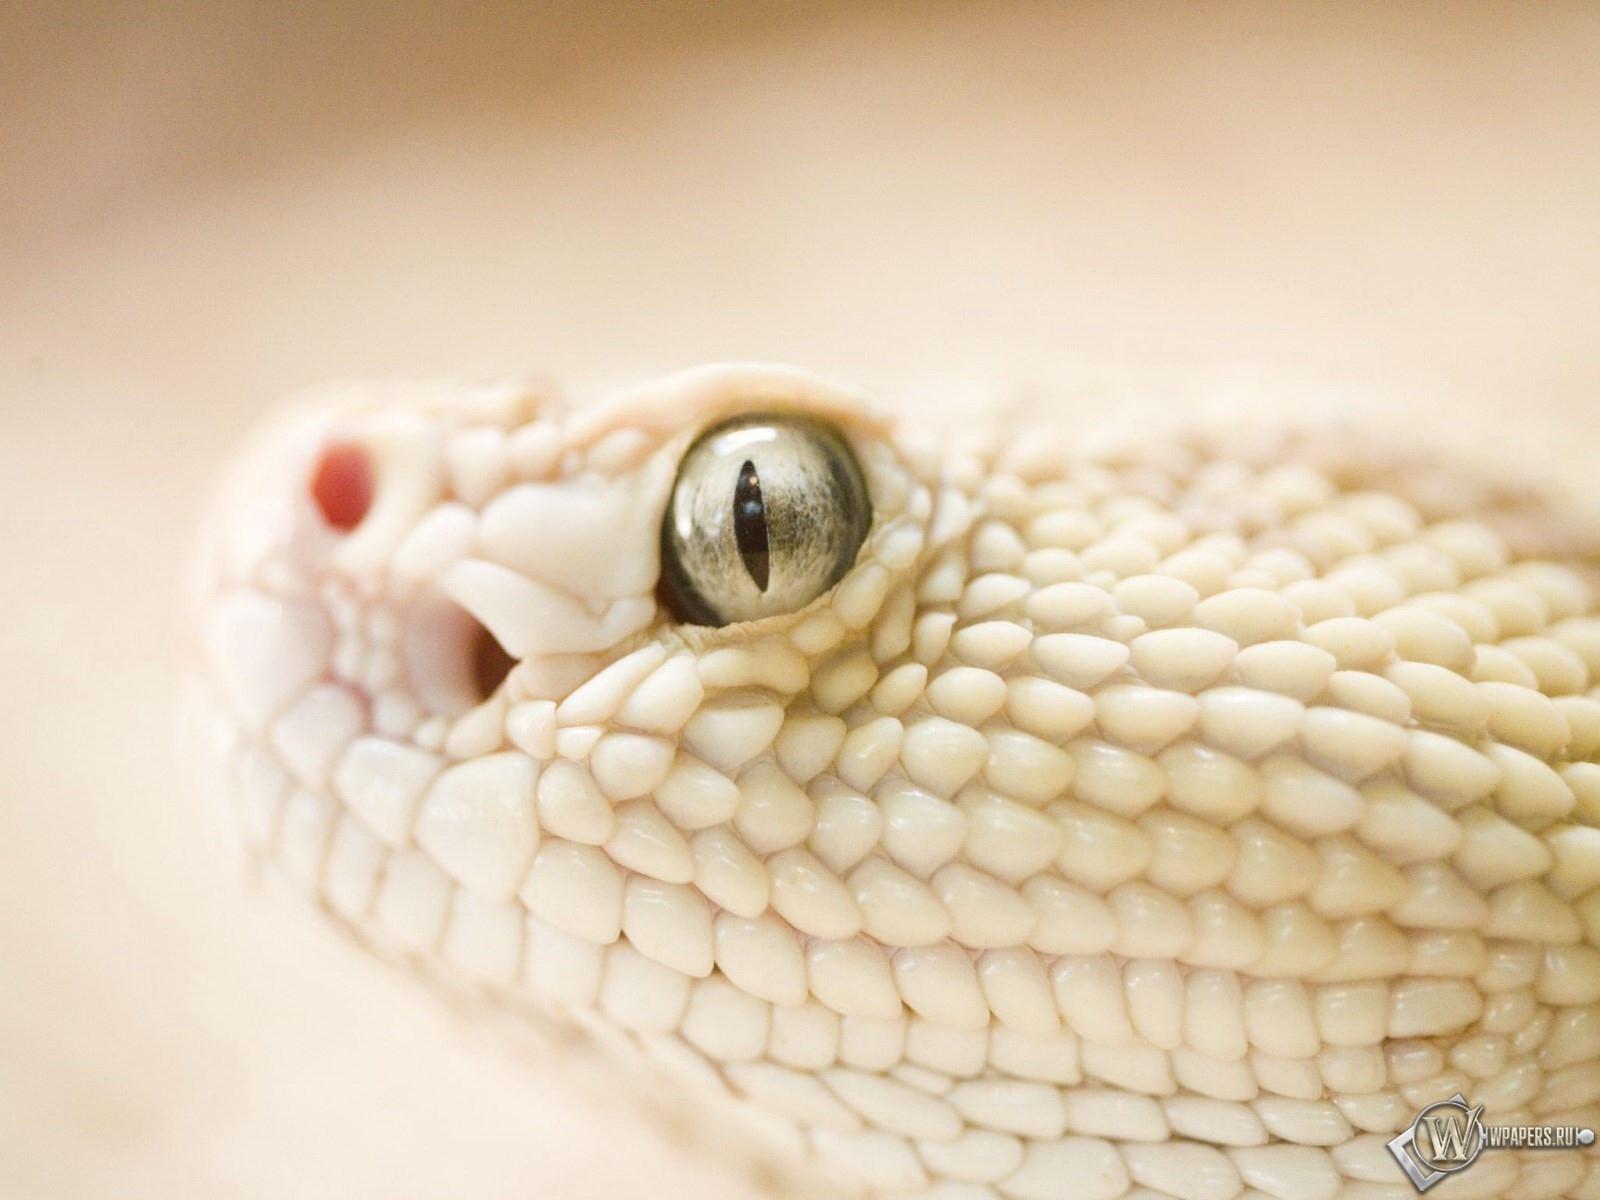 Голова змеи 1600x1200